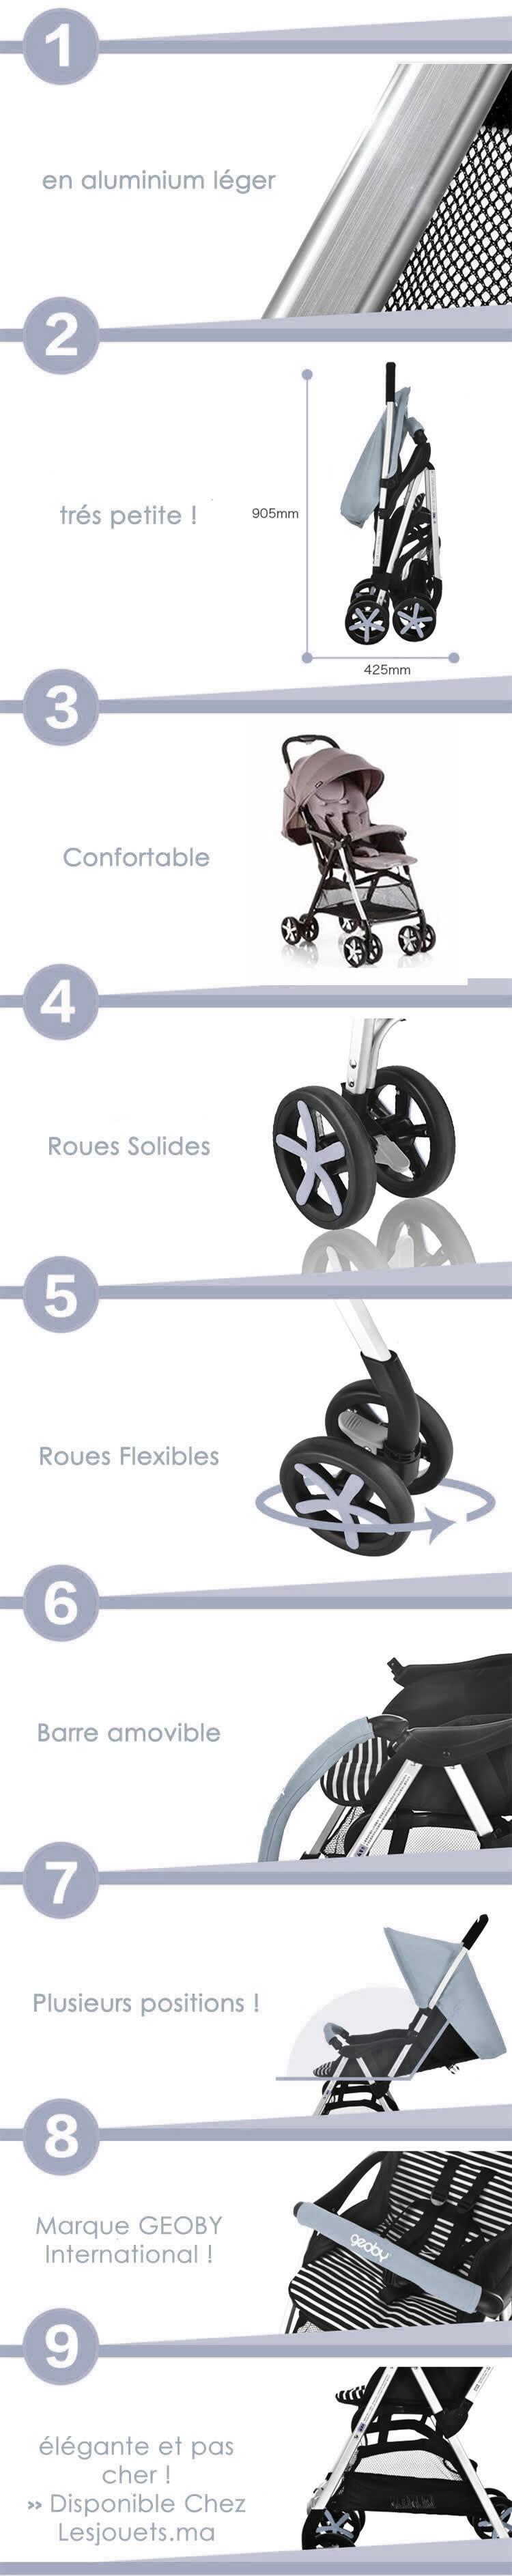 detaille technique de la poussette